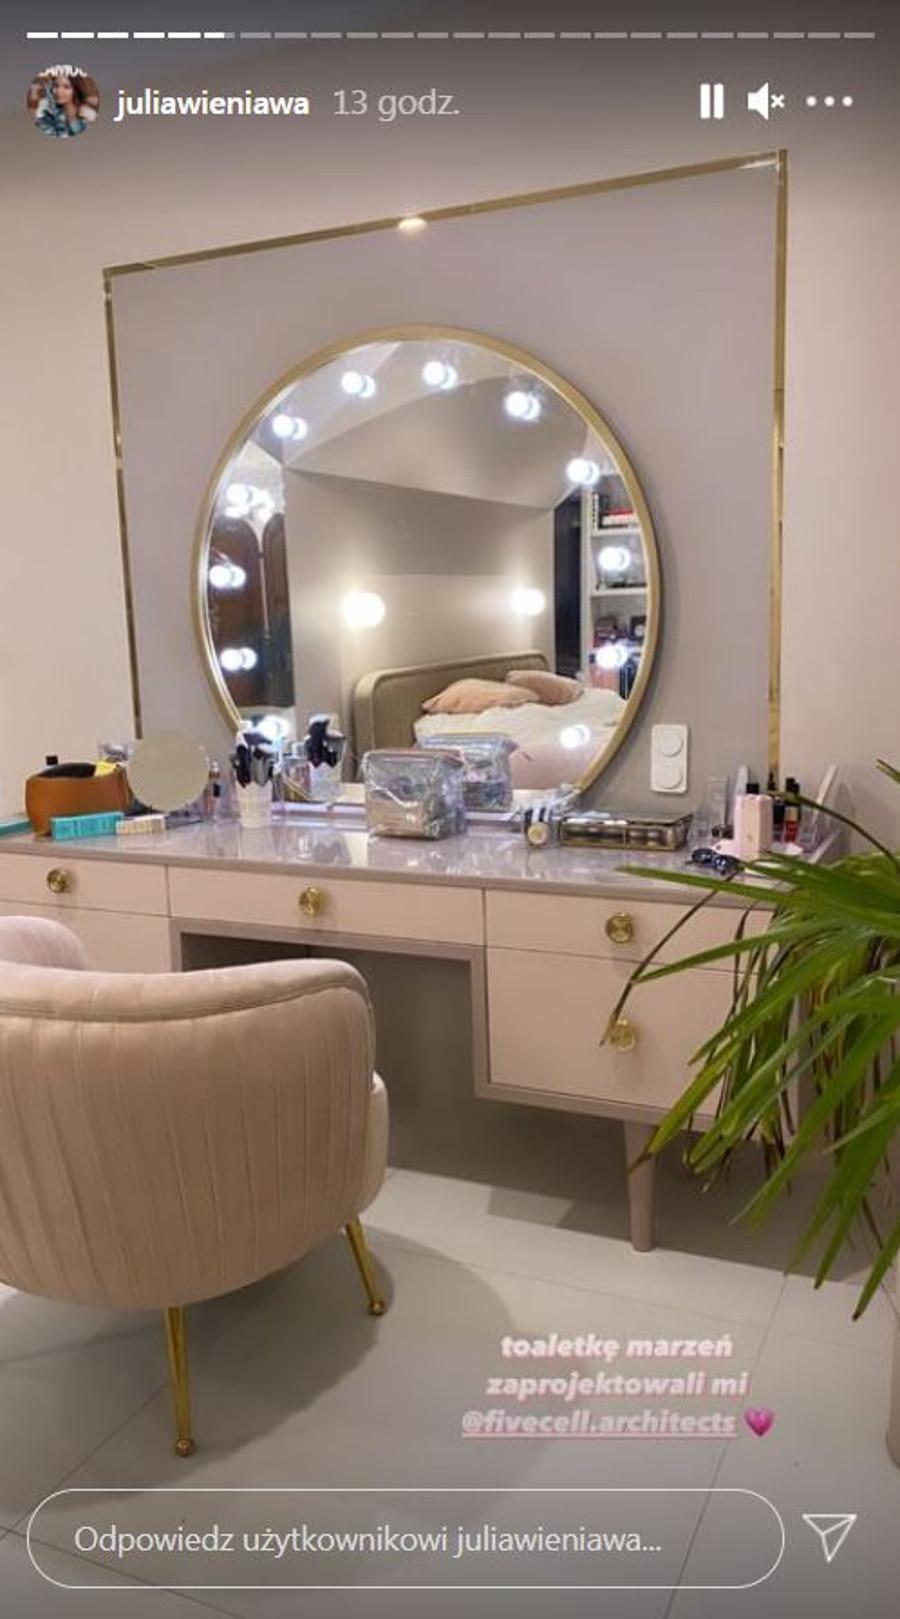 Toaletka w stylu glamour Julii Wieniawy.